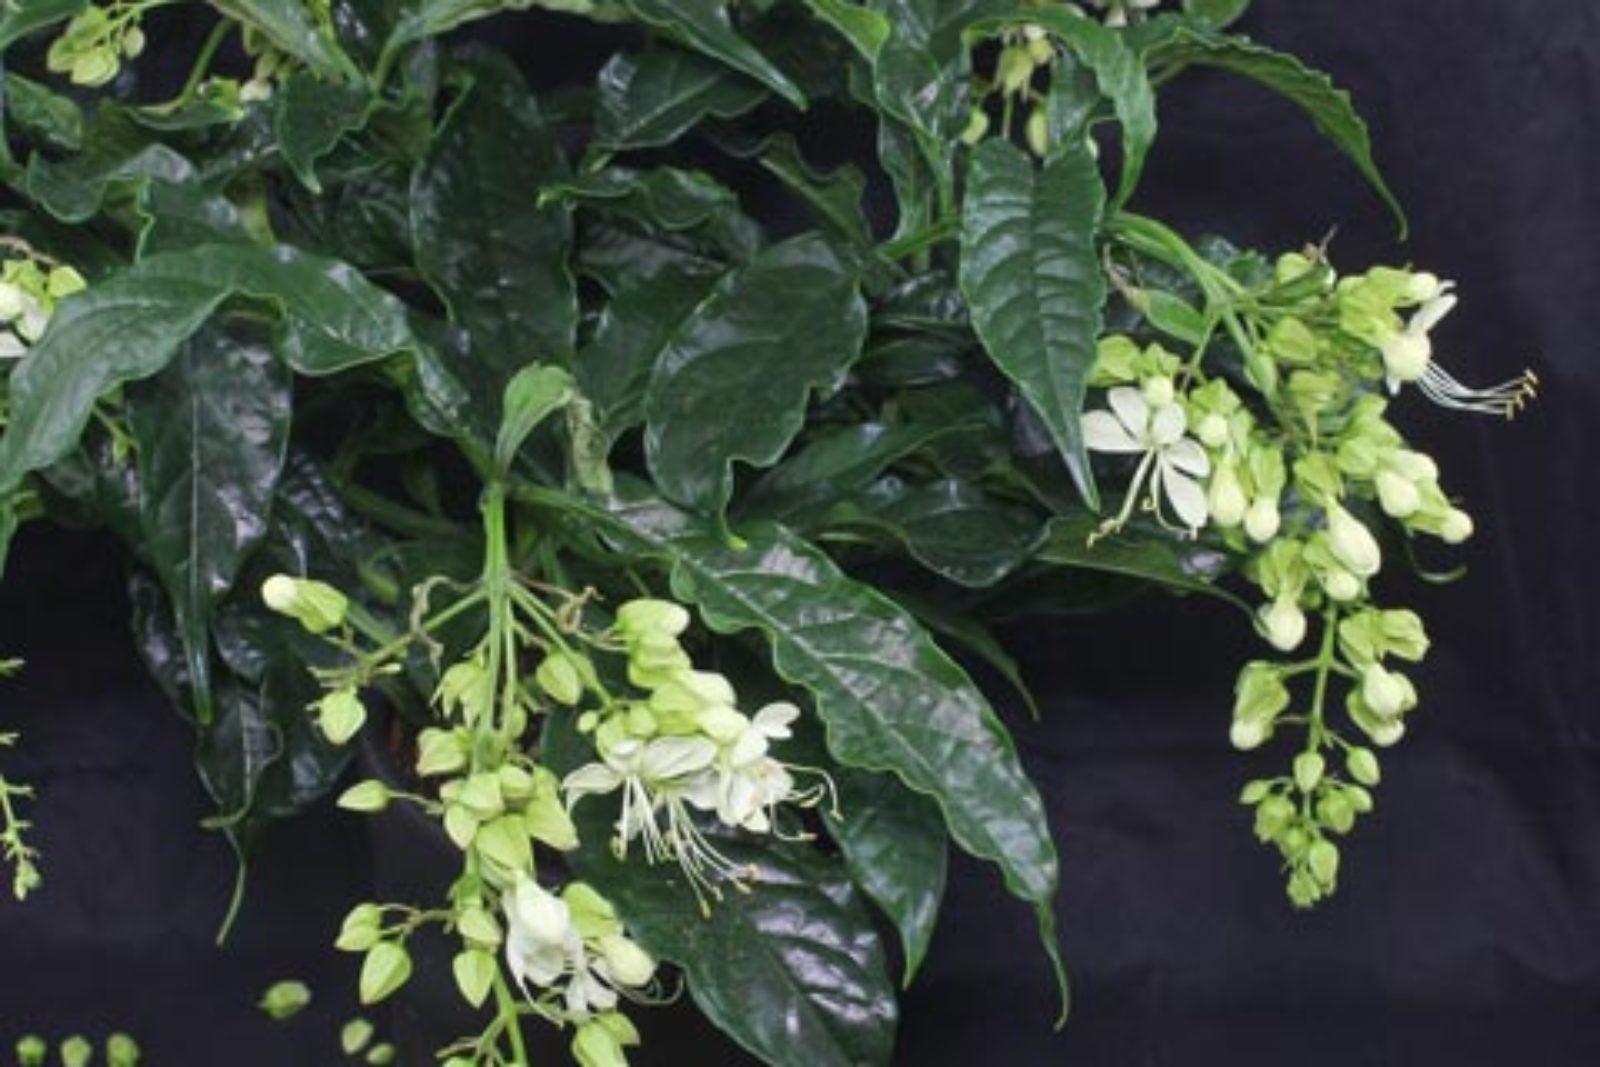 Clerodendrum wallichii